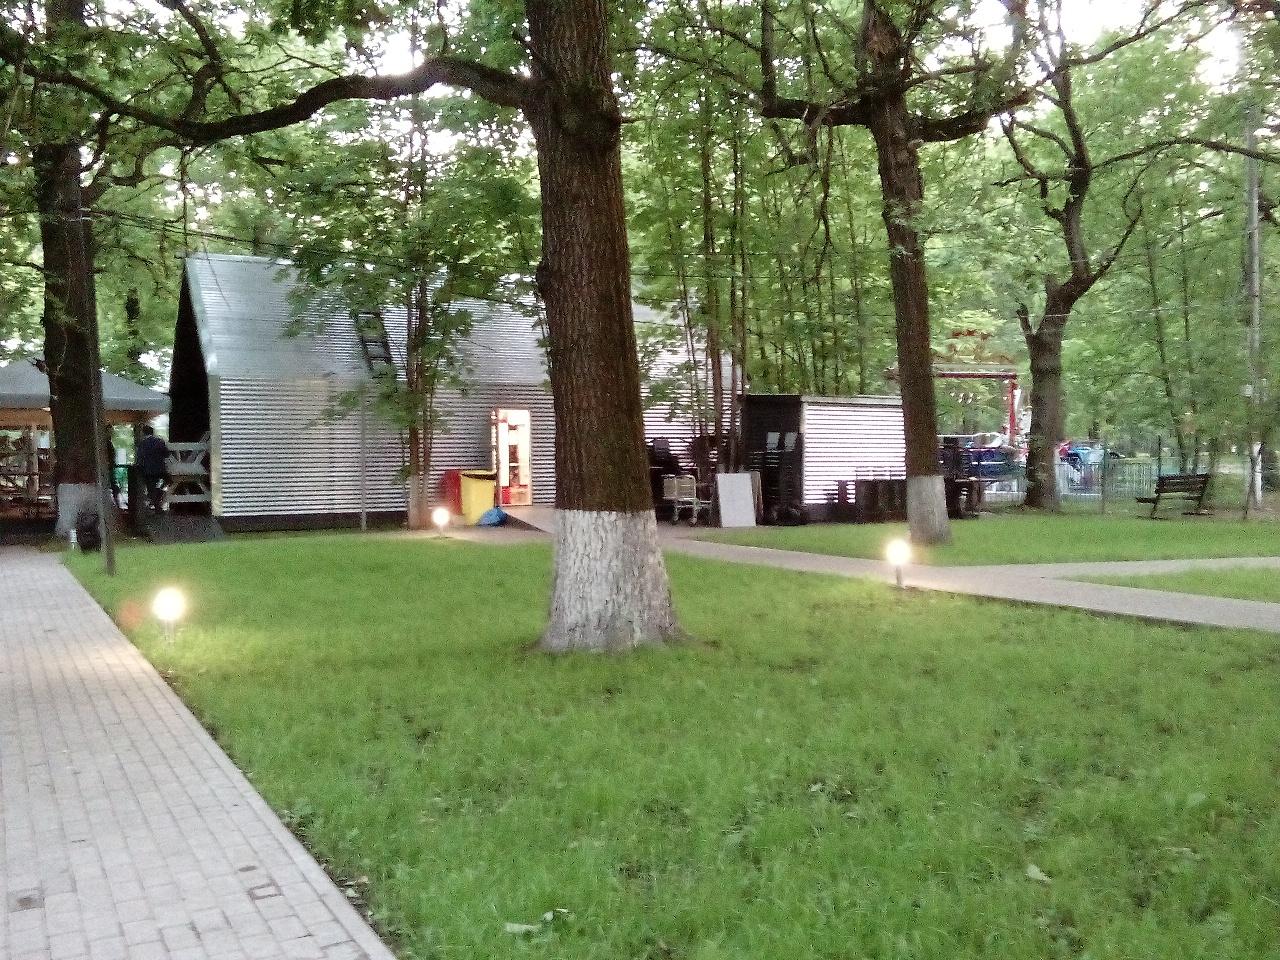 Барбекю в парках москвы фото электрокаминов в оформлении